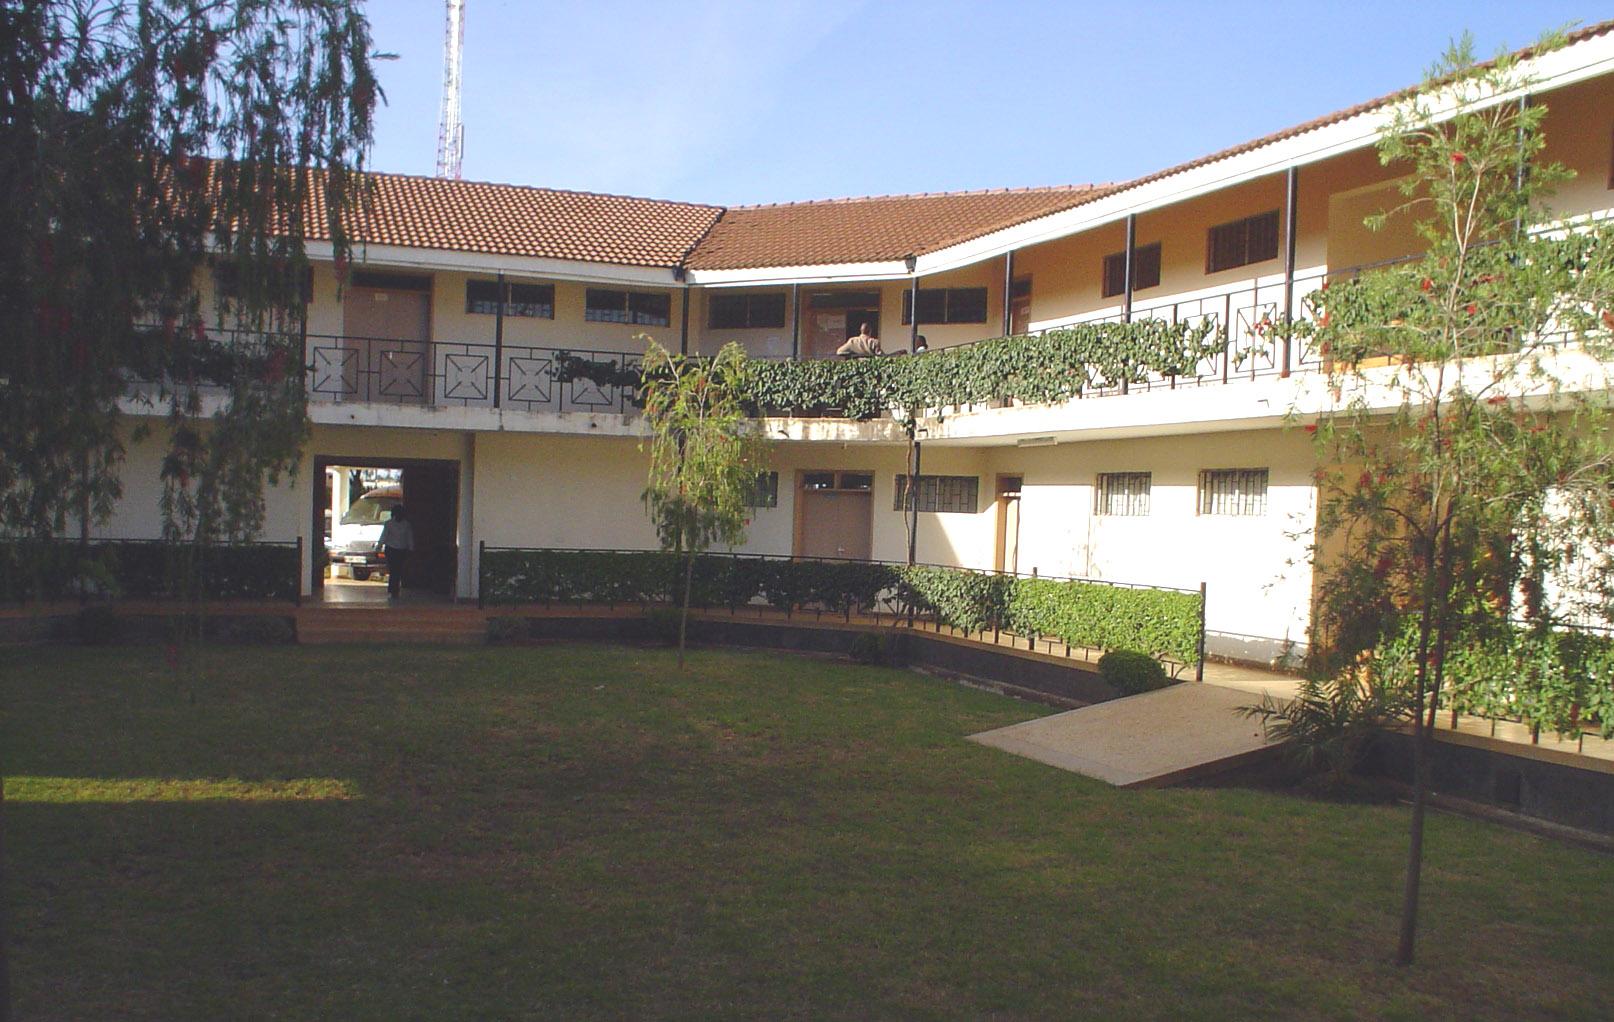 Eldoret Kenya  city pictures gallery : Vé máy bay đi Eldoret, Kenya Vé máy bay giá rẻ, Phòng vé ...